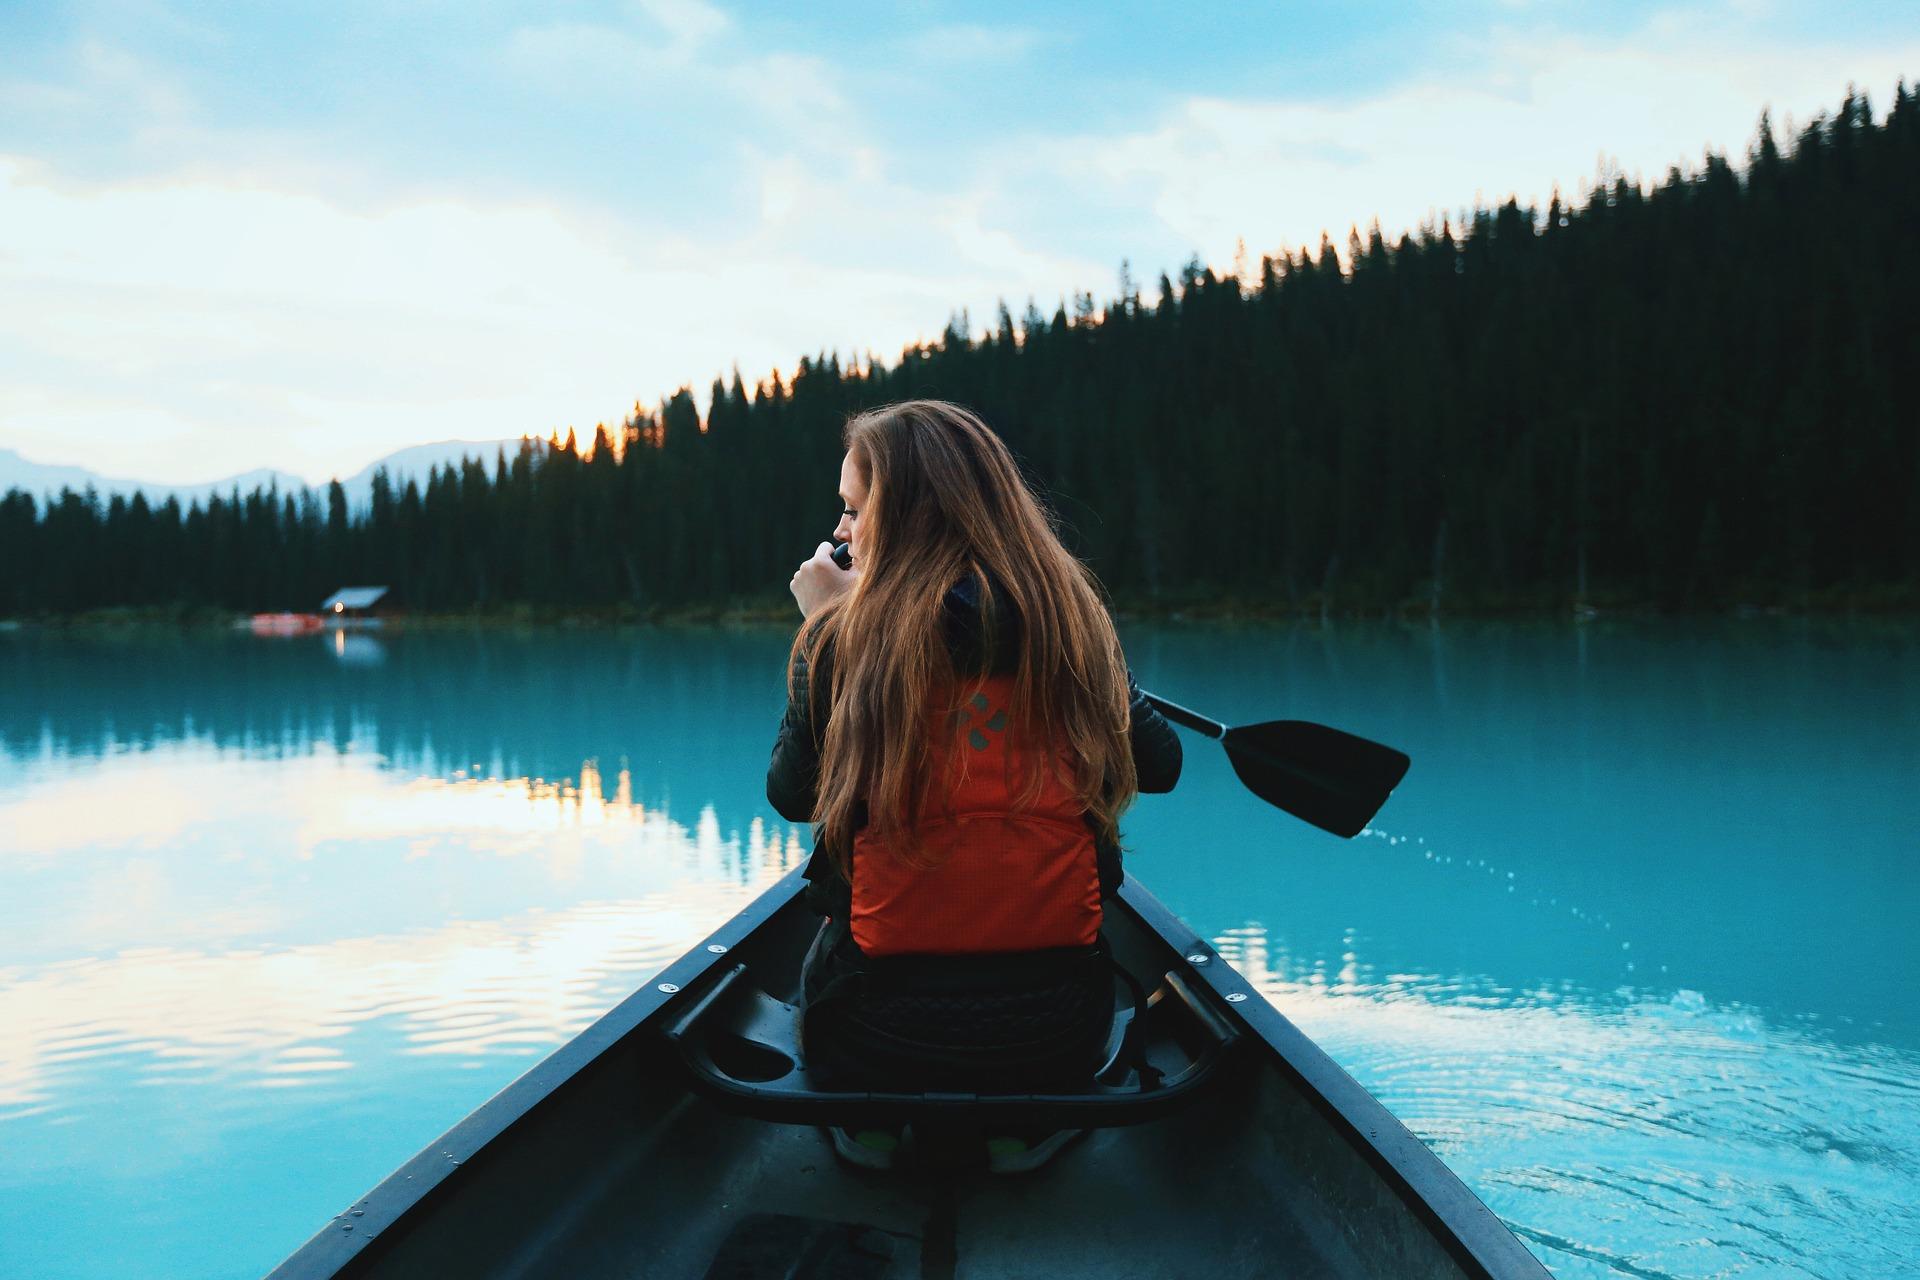 canoeing-1081890_1920.jpg